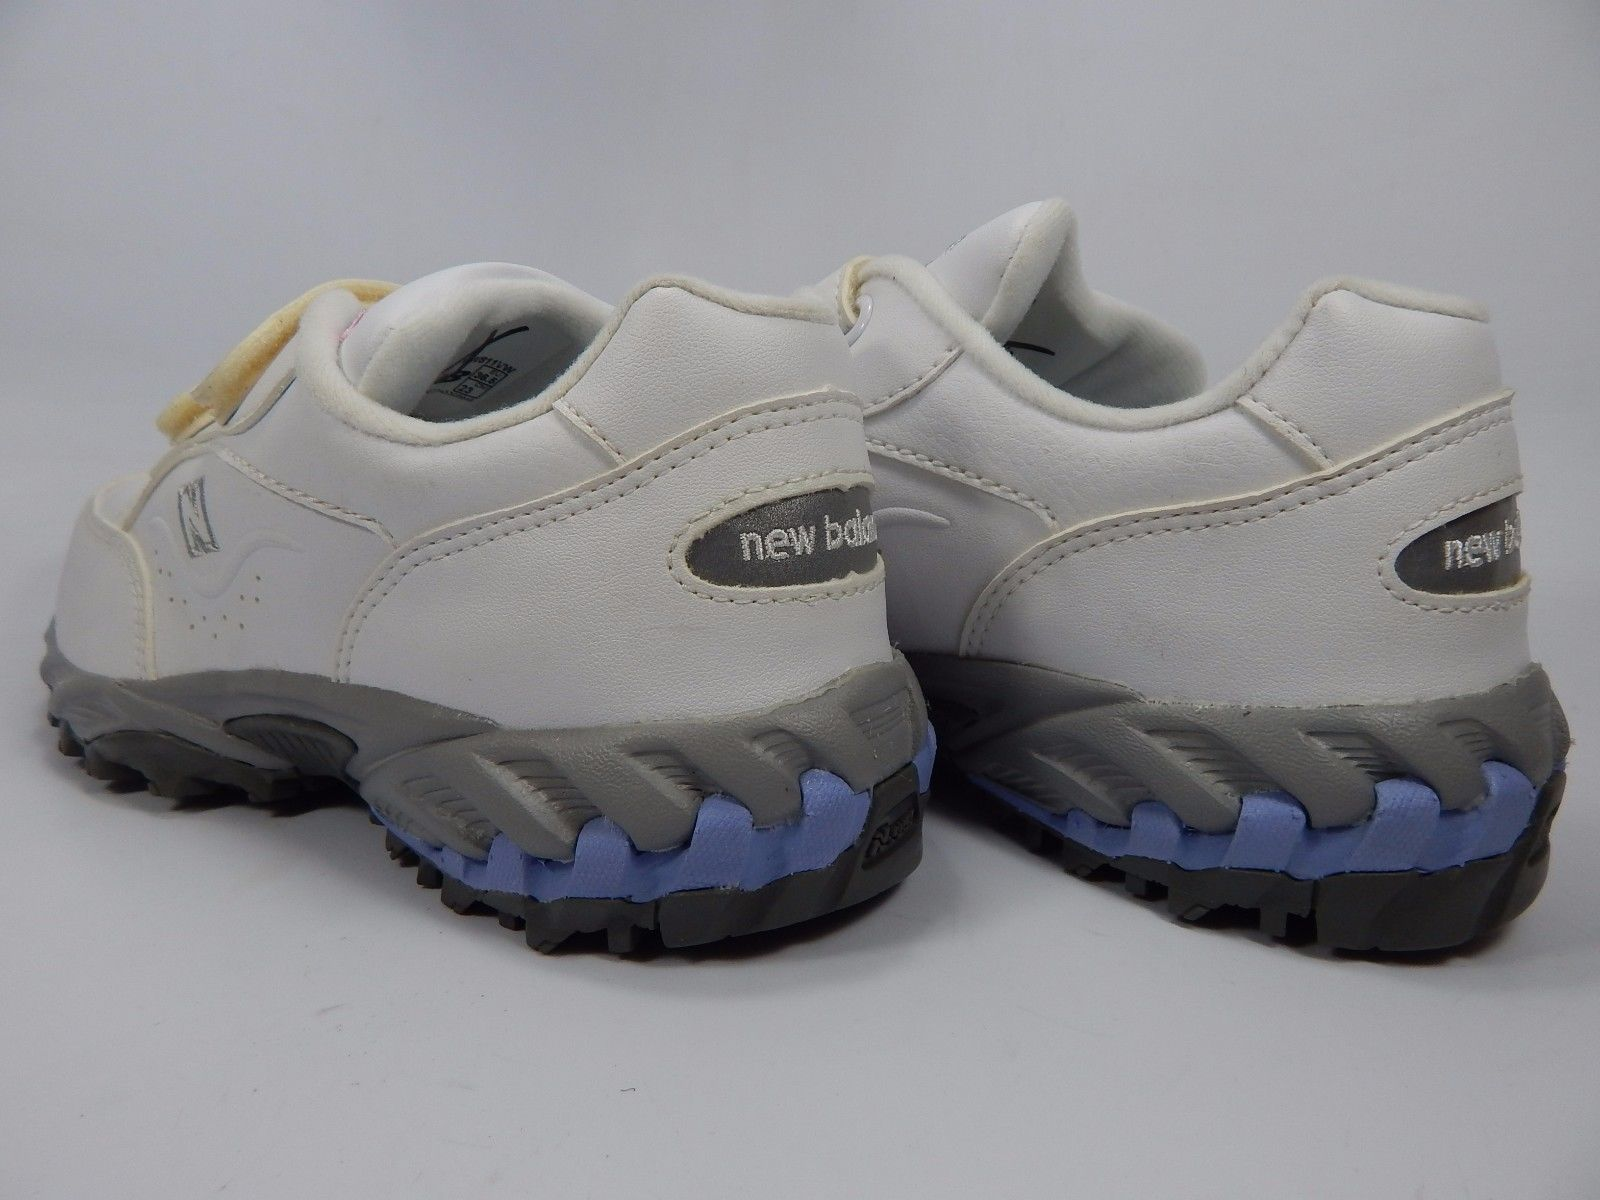 New Balance 811 Women's Walking Shoes Size US 6 M (B) EU 36.5 White WW811VW